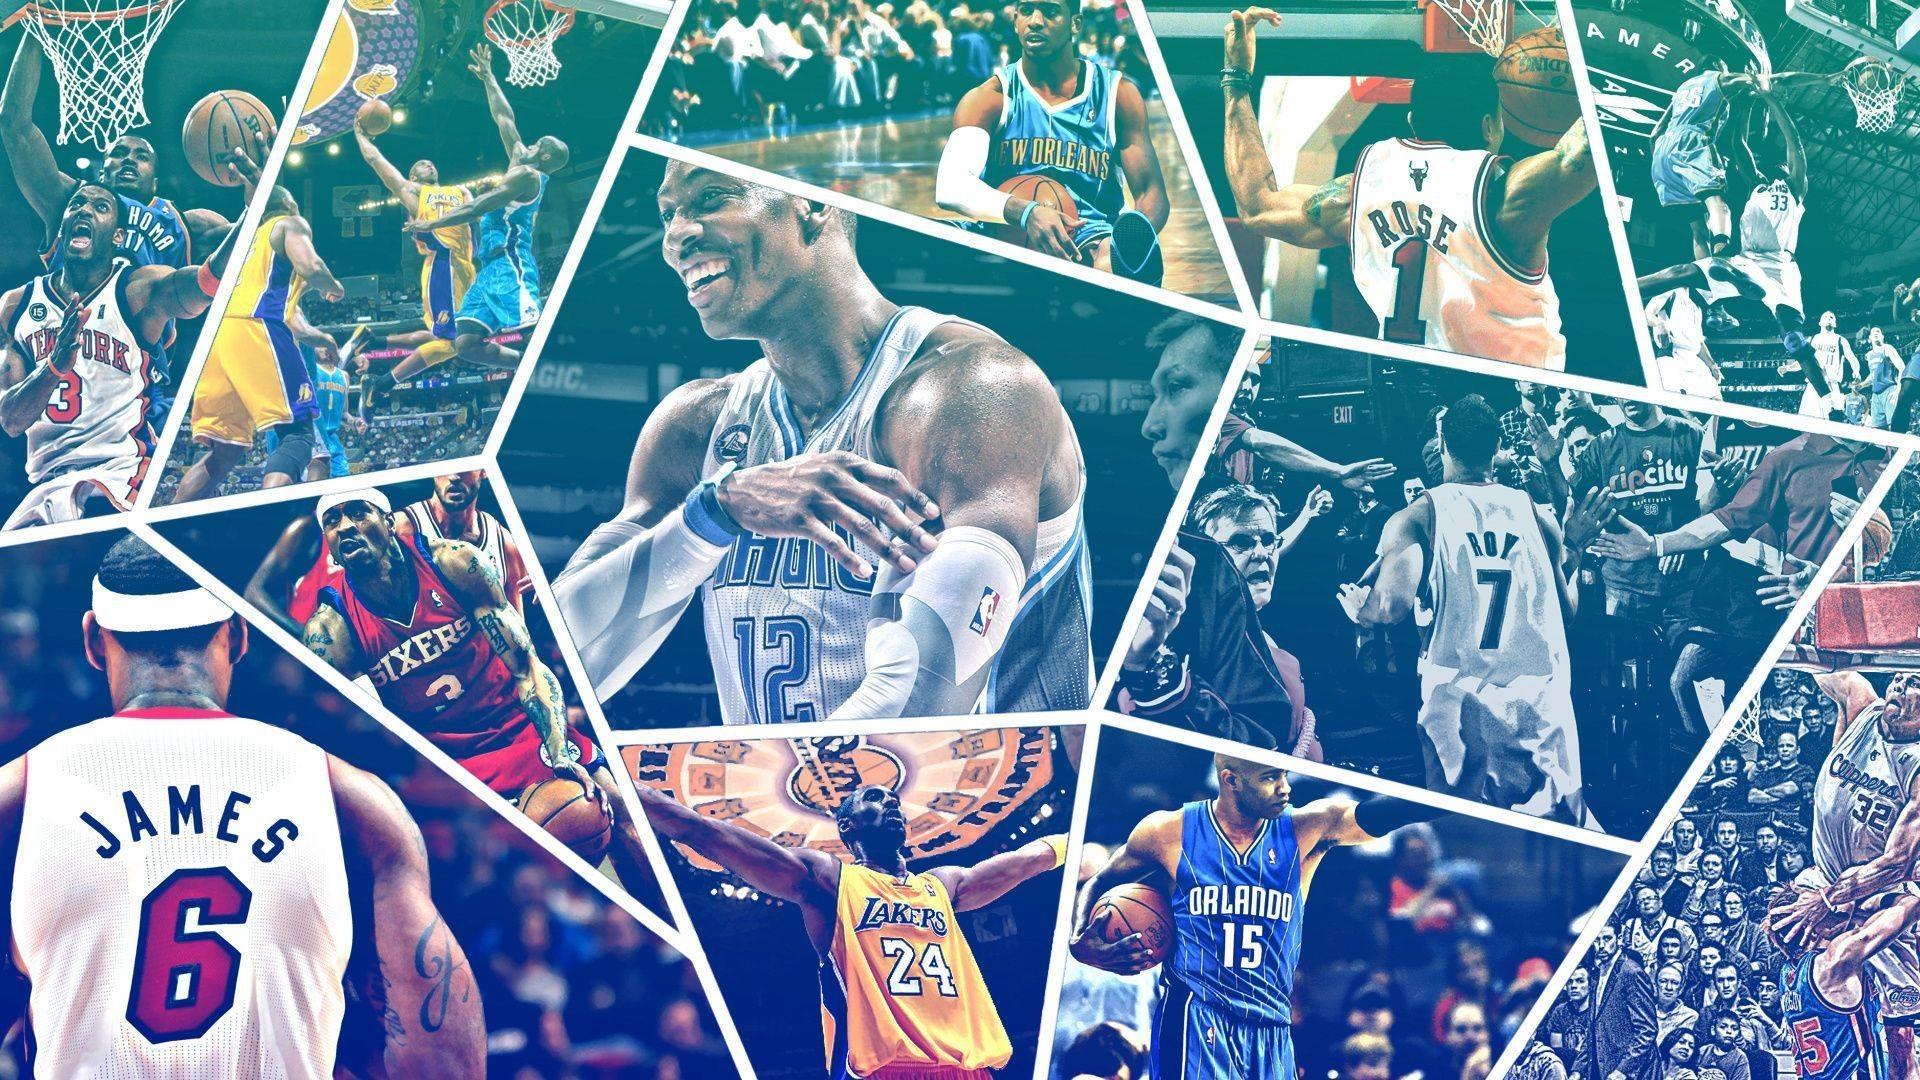 teams, sports, players, nba, ball, basketball Wallpapers .